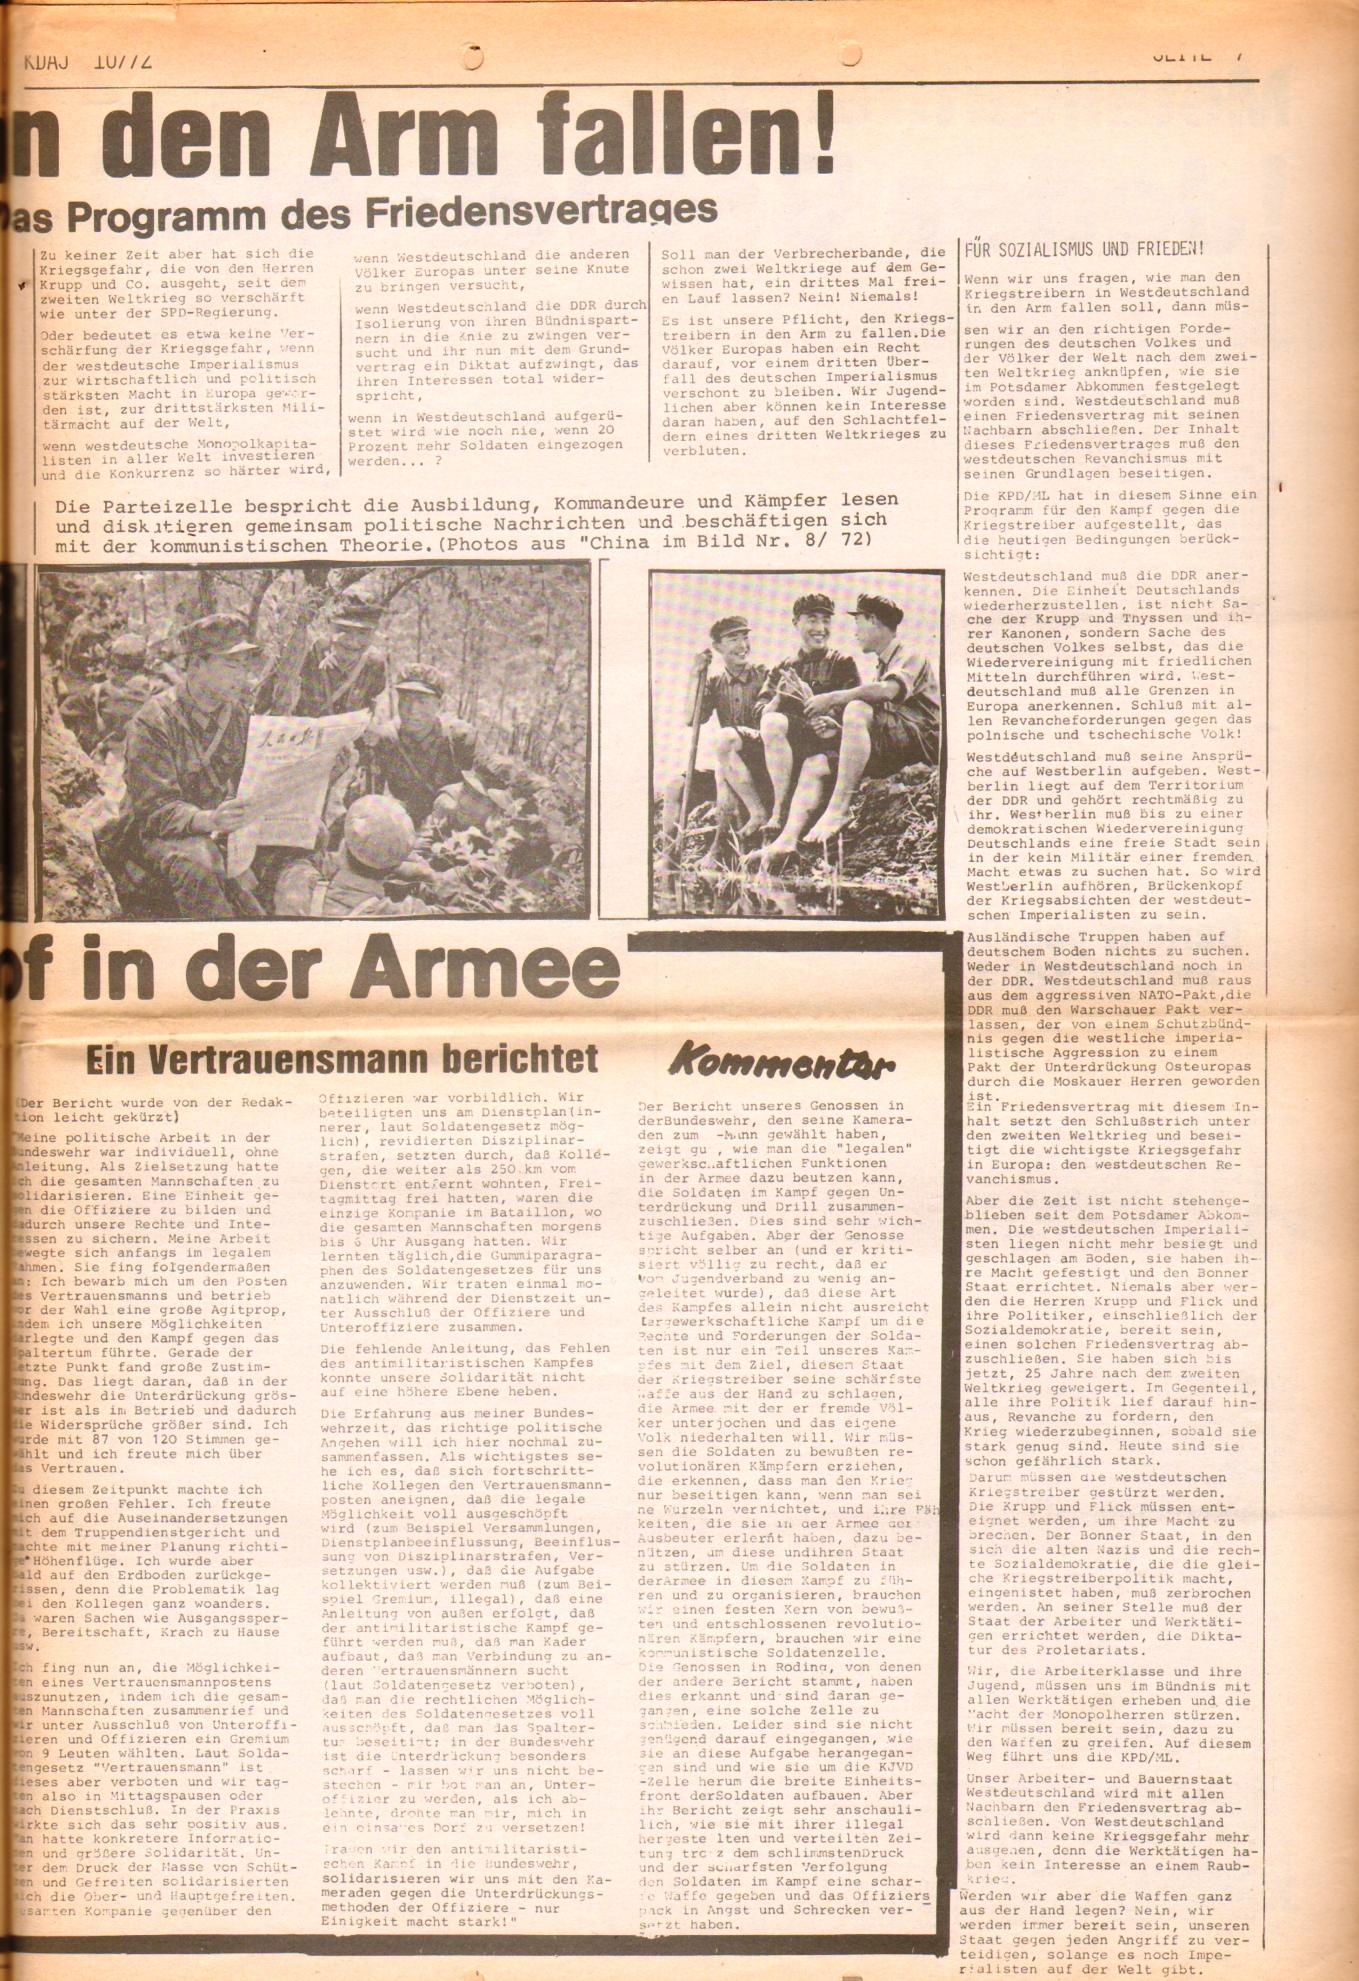 KDAJ, 3. Jg., November 1972, Nr. 10, Seite 7